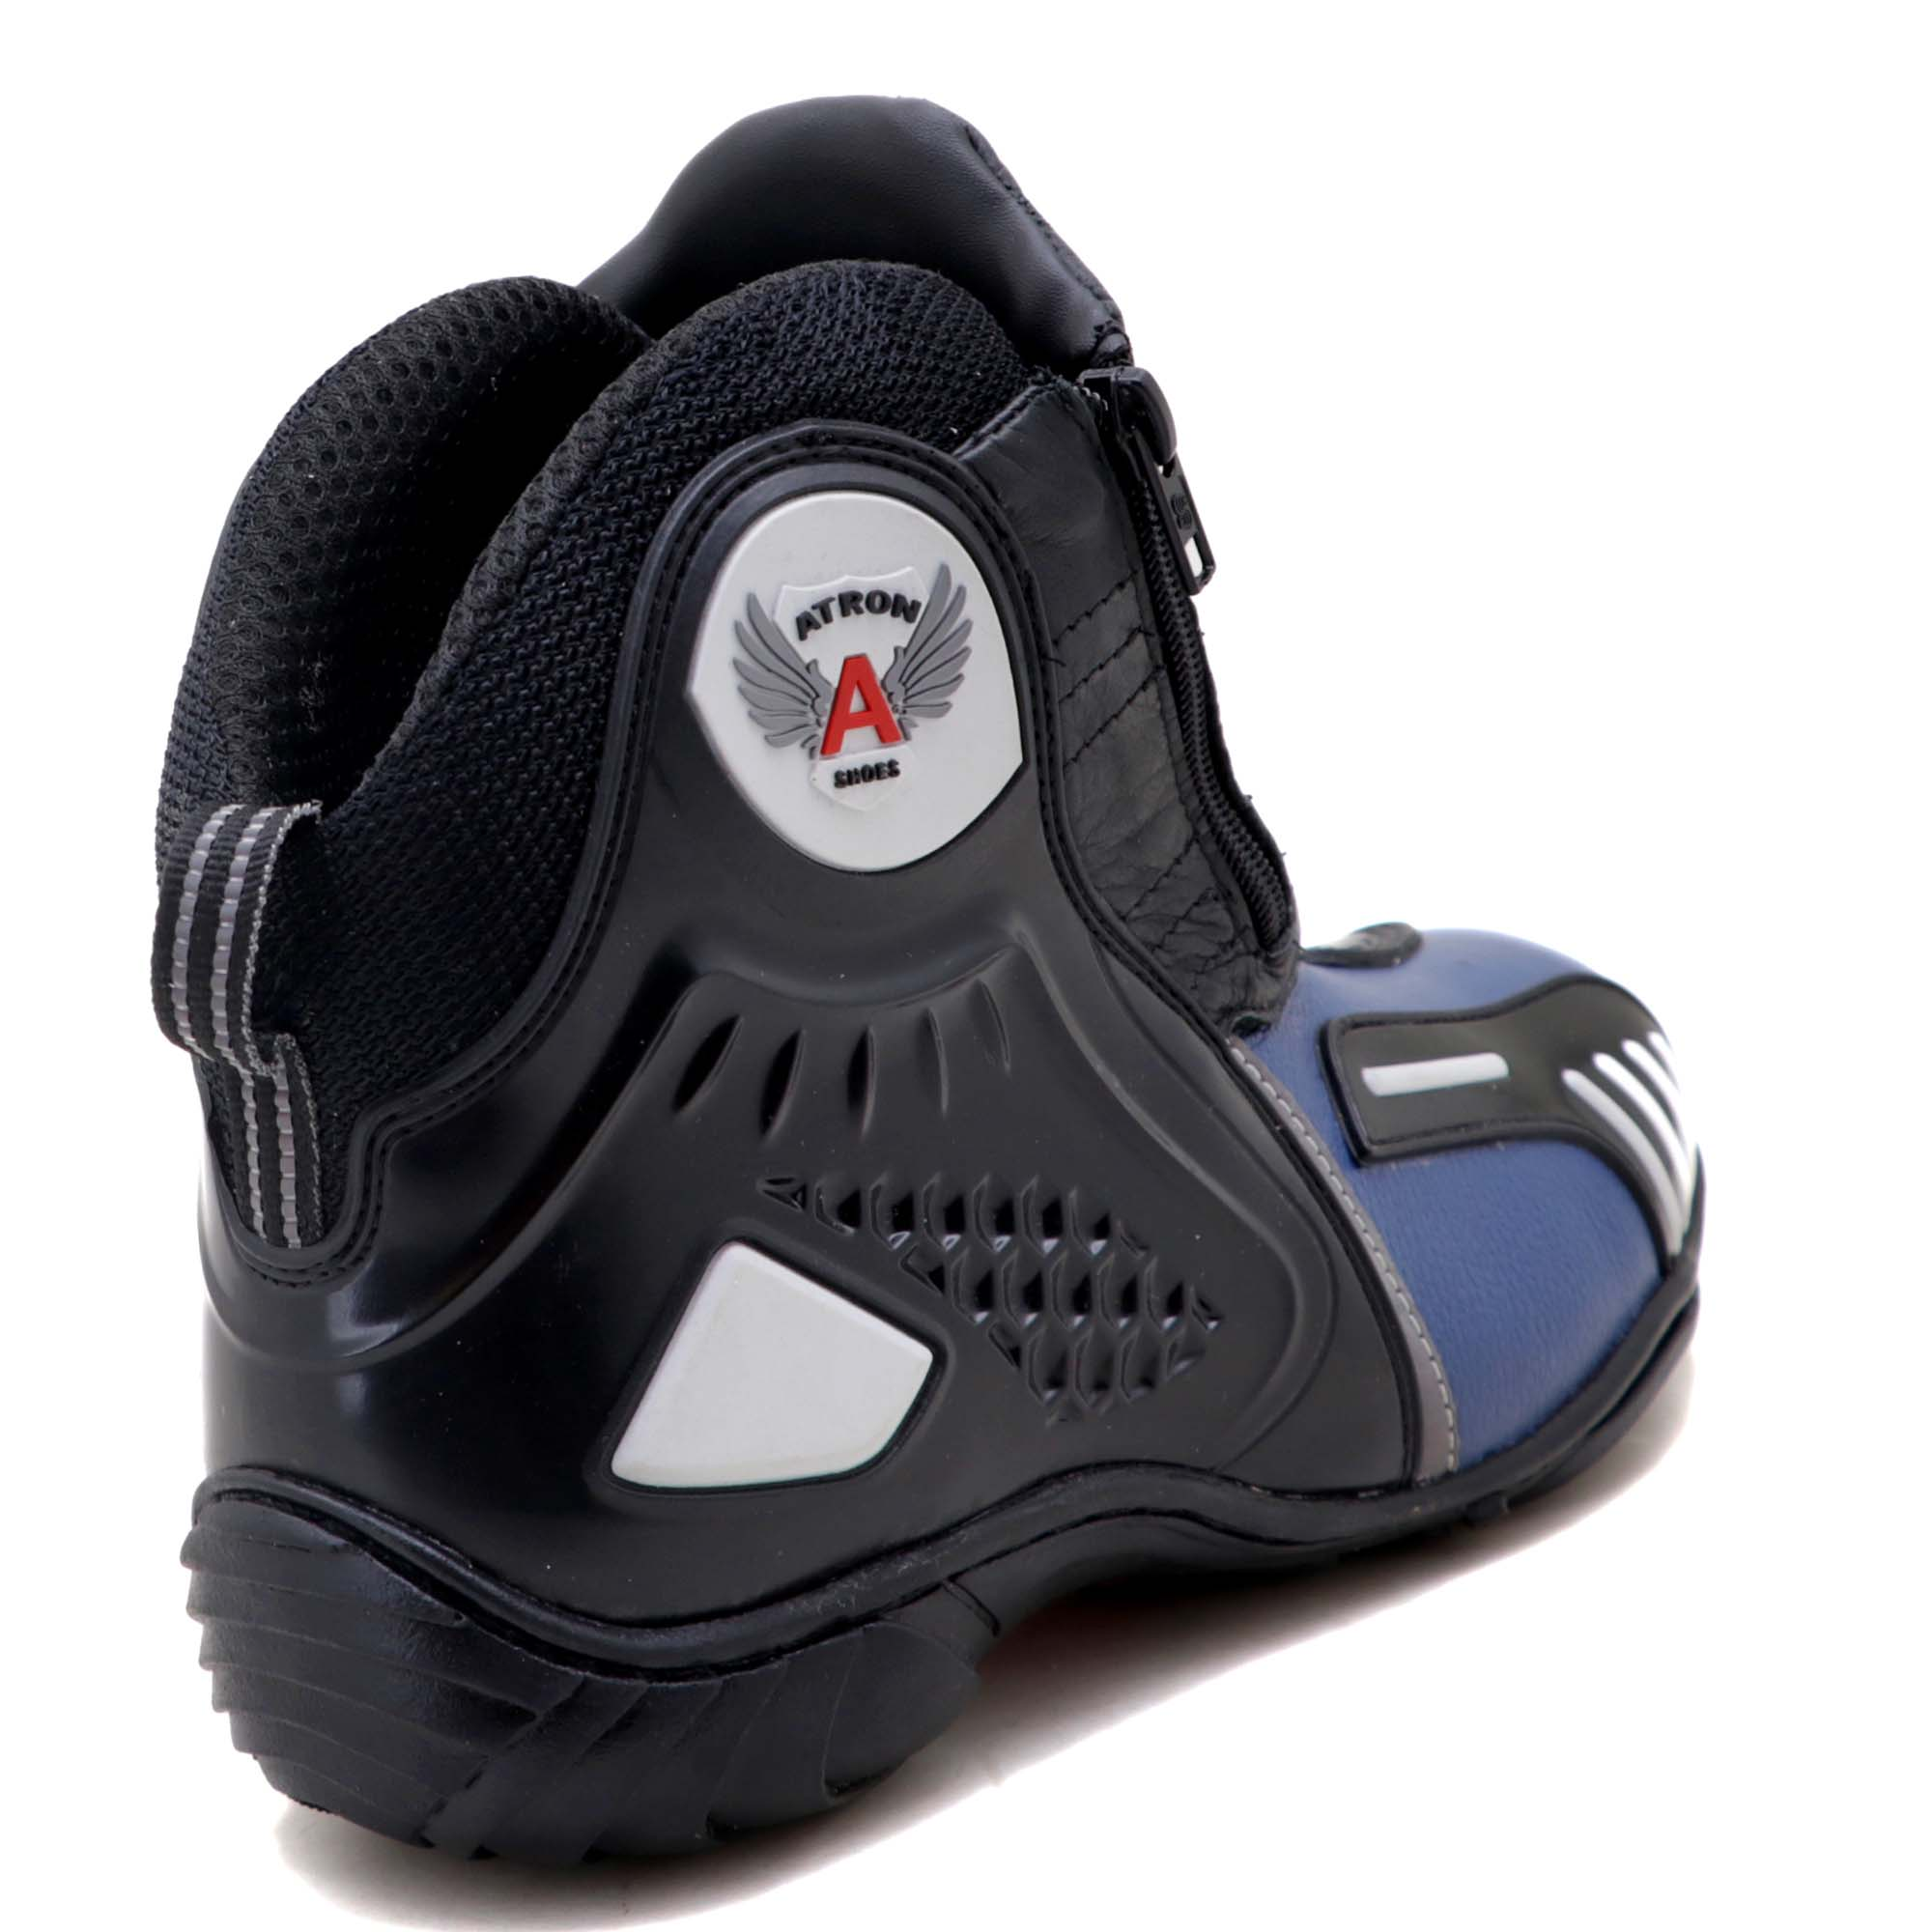 Bota motociclista Atron Shoes AS-HIGHWAY em couro legítimo semi-impermeável emborrachada na cor Azul 407